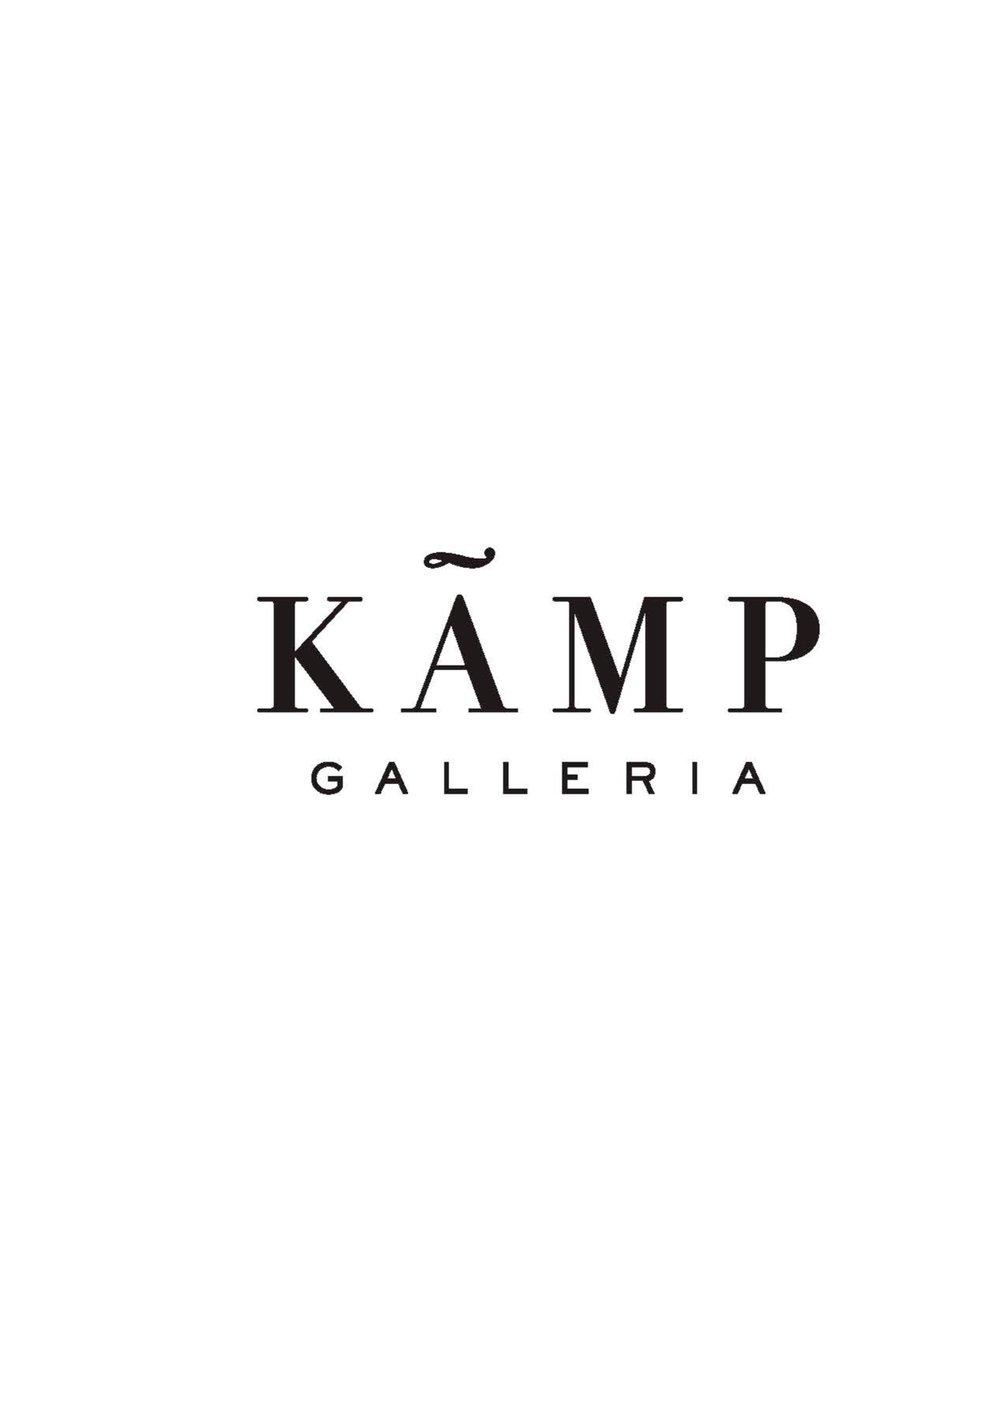 KÄMP GALLERIA - Pohjoisesplanadi 33Kauppakeskus Kämp Galleria tarjoaa houkuttelevan valikoiman kansainvälistä muotia ja skandinaavista suunnittelua. Kiinnostavat brändit, laadukkaat tuotteet ja henkilökohtainen palvelu ovat kulmakiviämme. Tervetuloa Suomen tyylikkäimpään kauppakeskukseen!www.kampgalleria.com